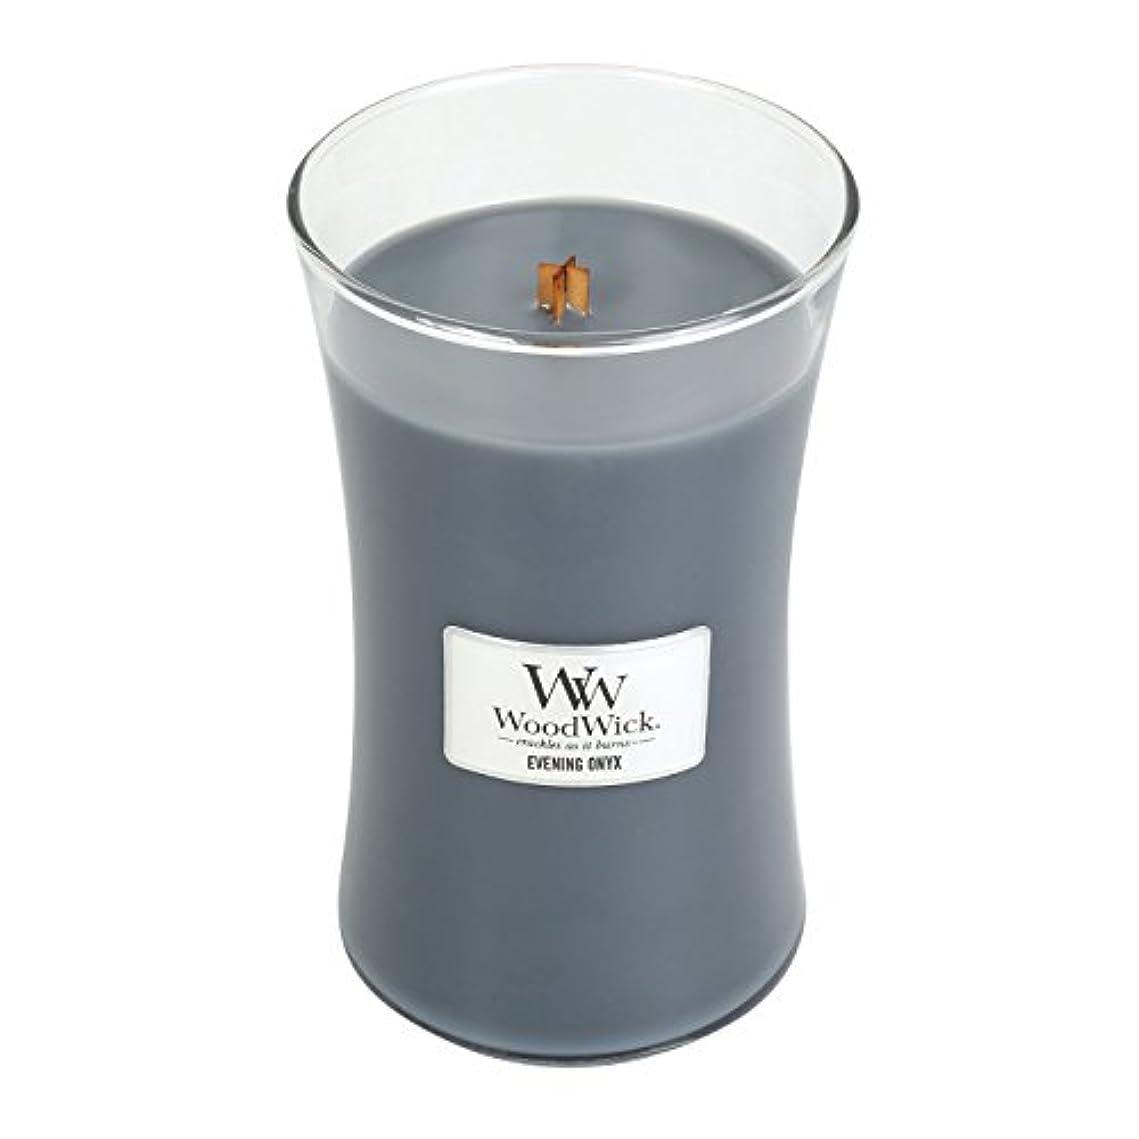 立派な実業家山岳WoodWick EVENING ONYX, Highly Scented Candle, Classic Hourglass Jar, Large 18cm, 640ml